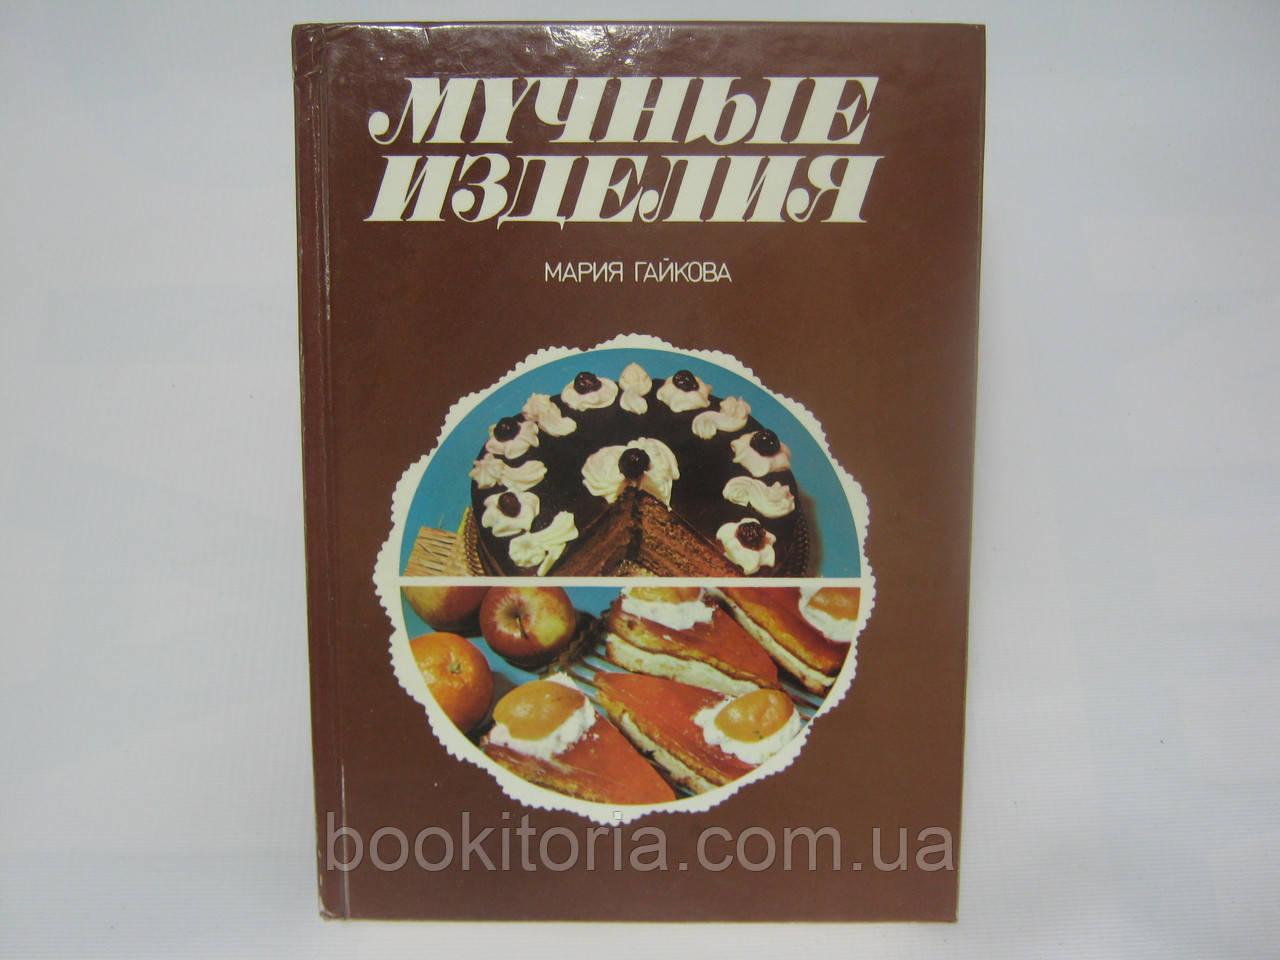 Гайкова М. Мучные изделия (б/у).